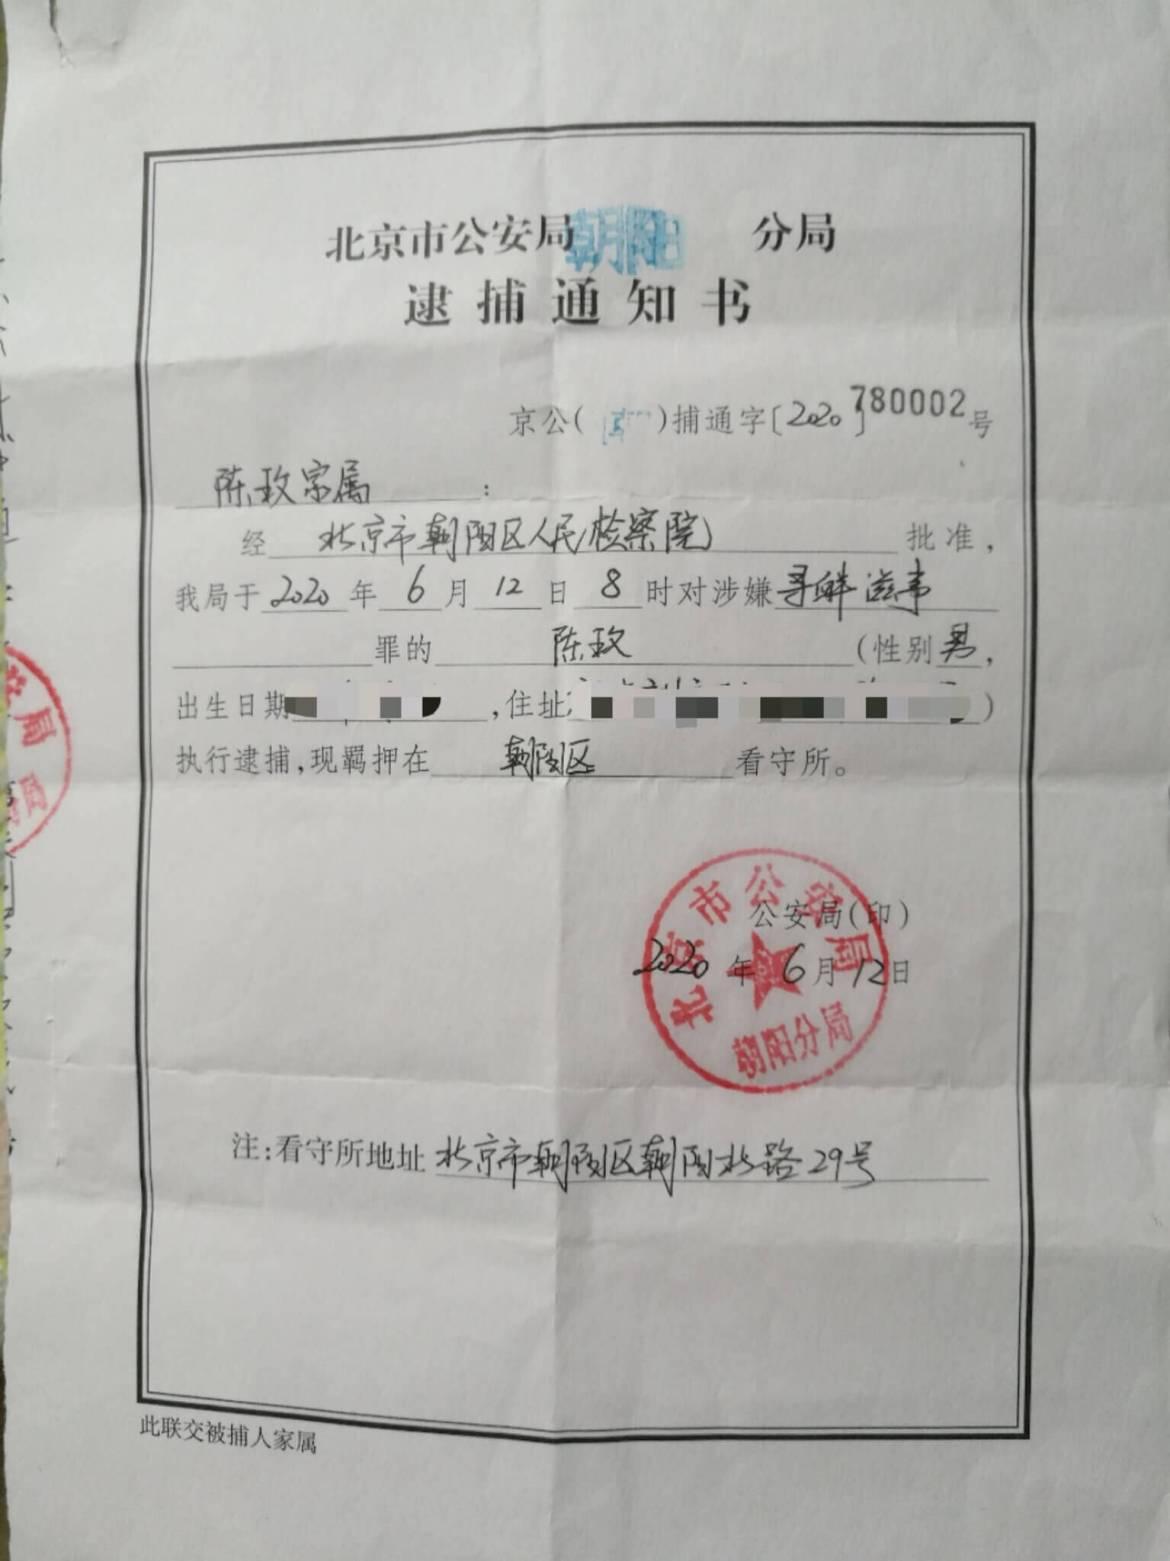 chenmeiarrest